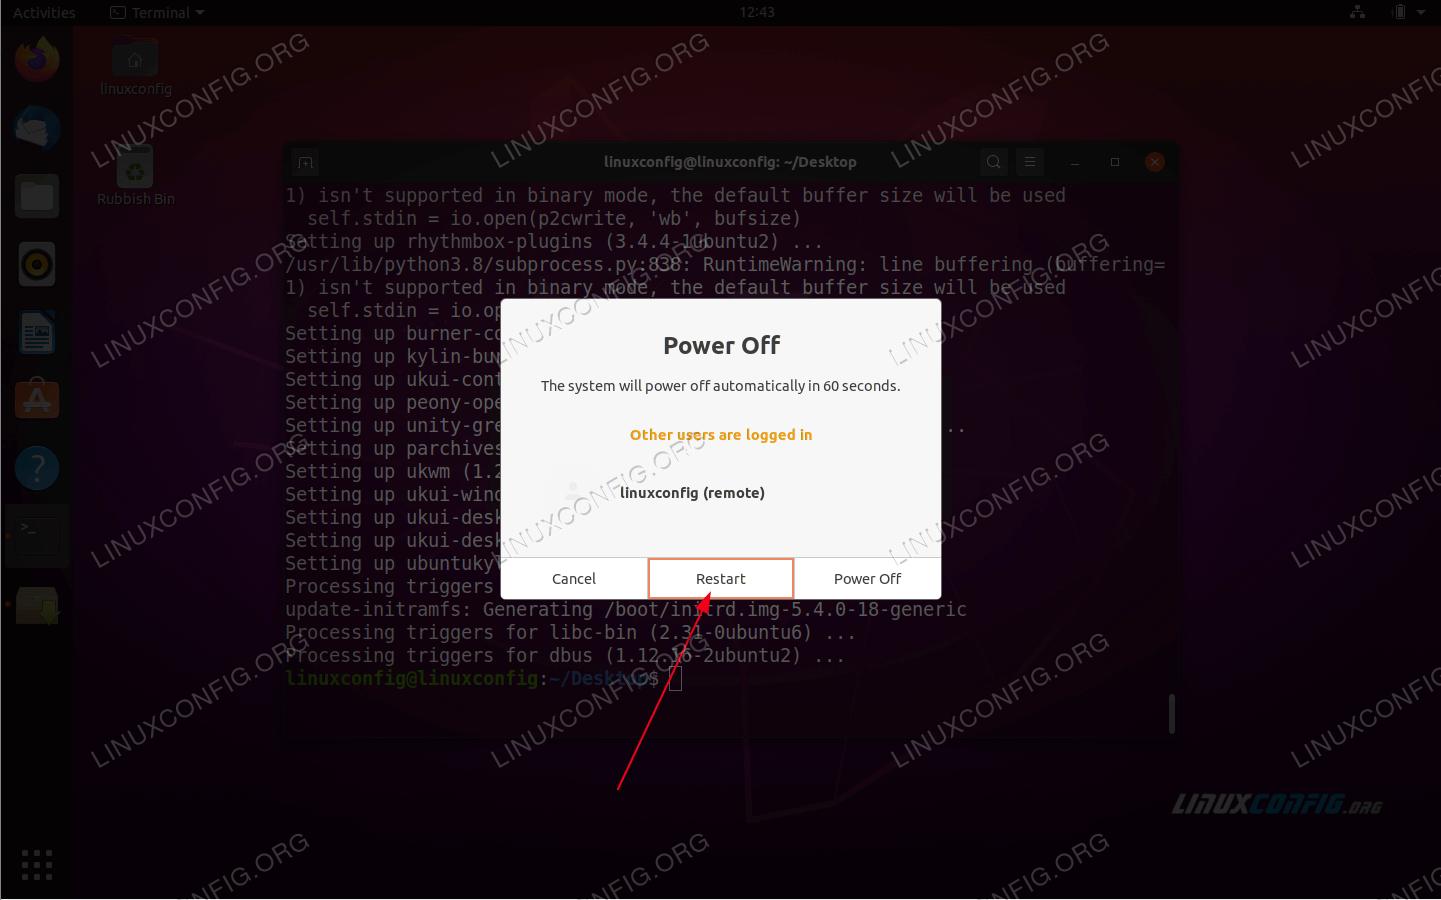 После завершения установки Kylin Desktop перезагрузите систему